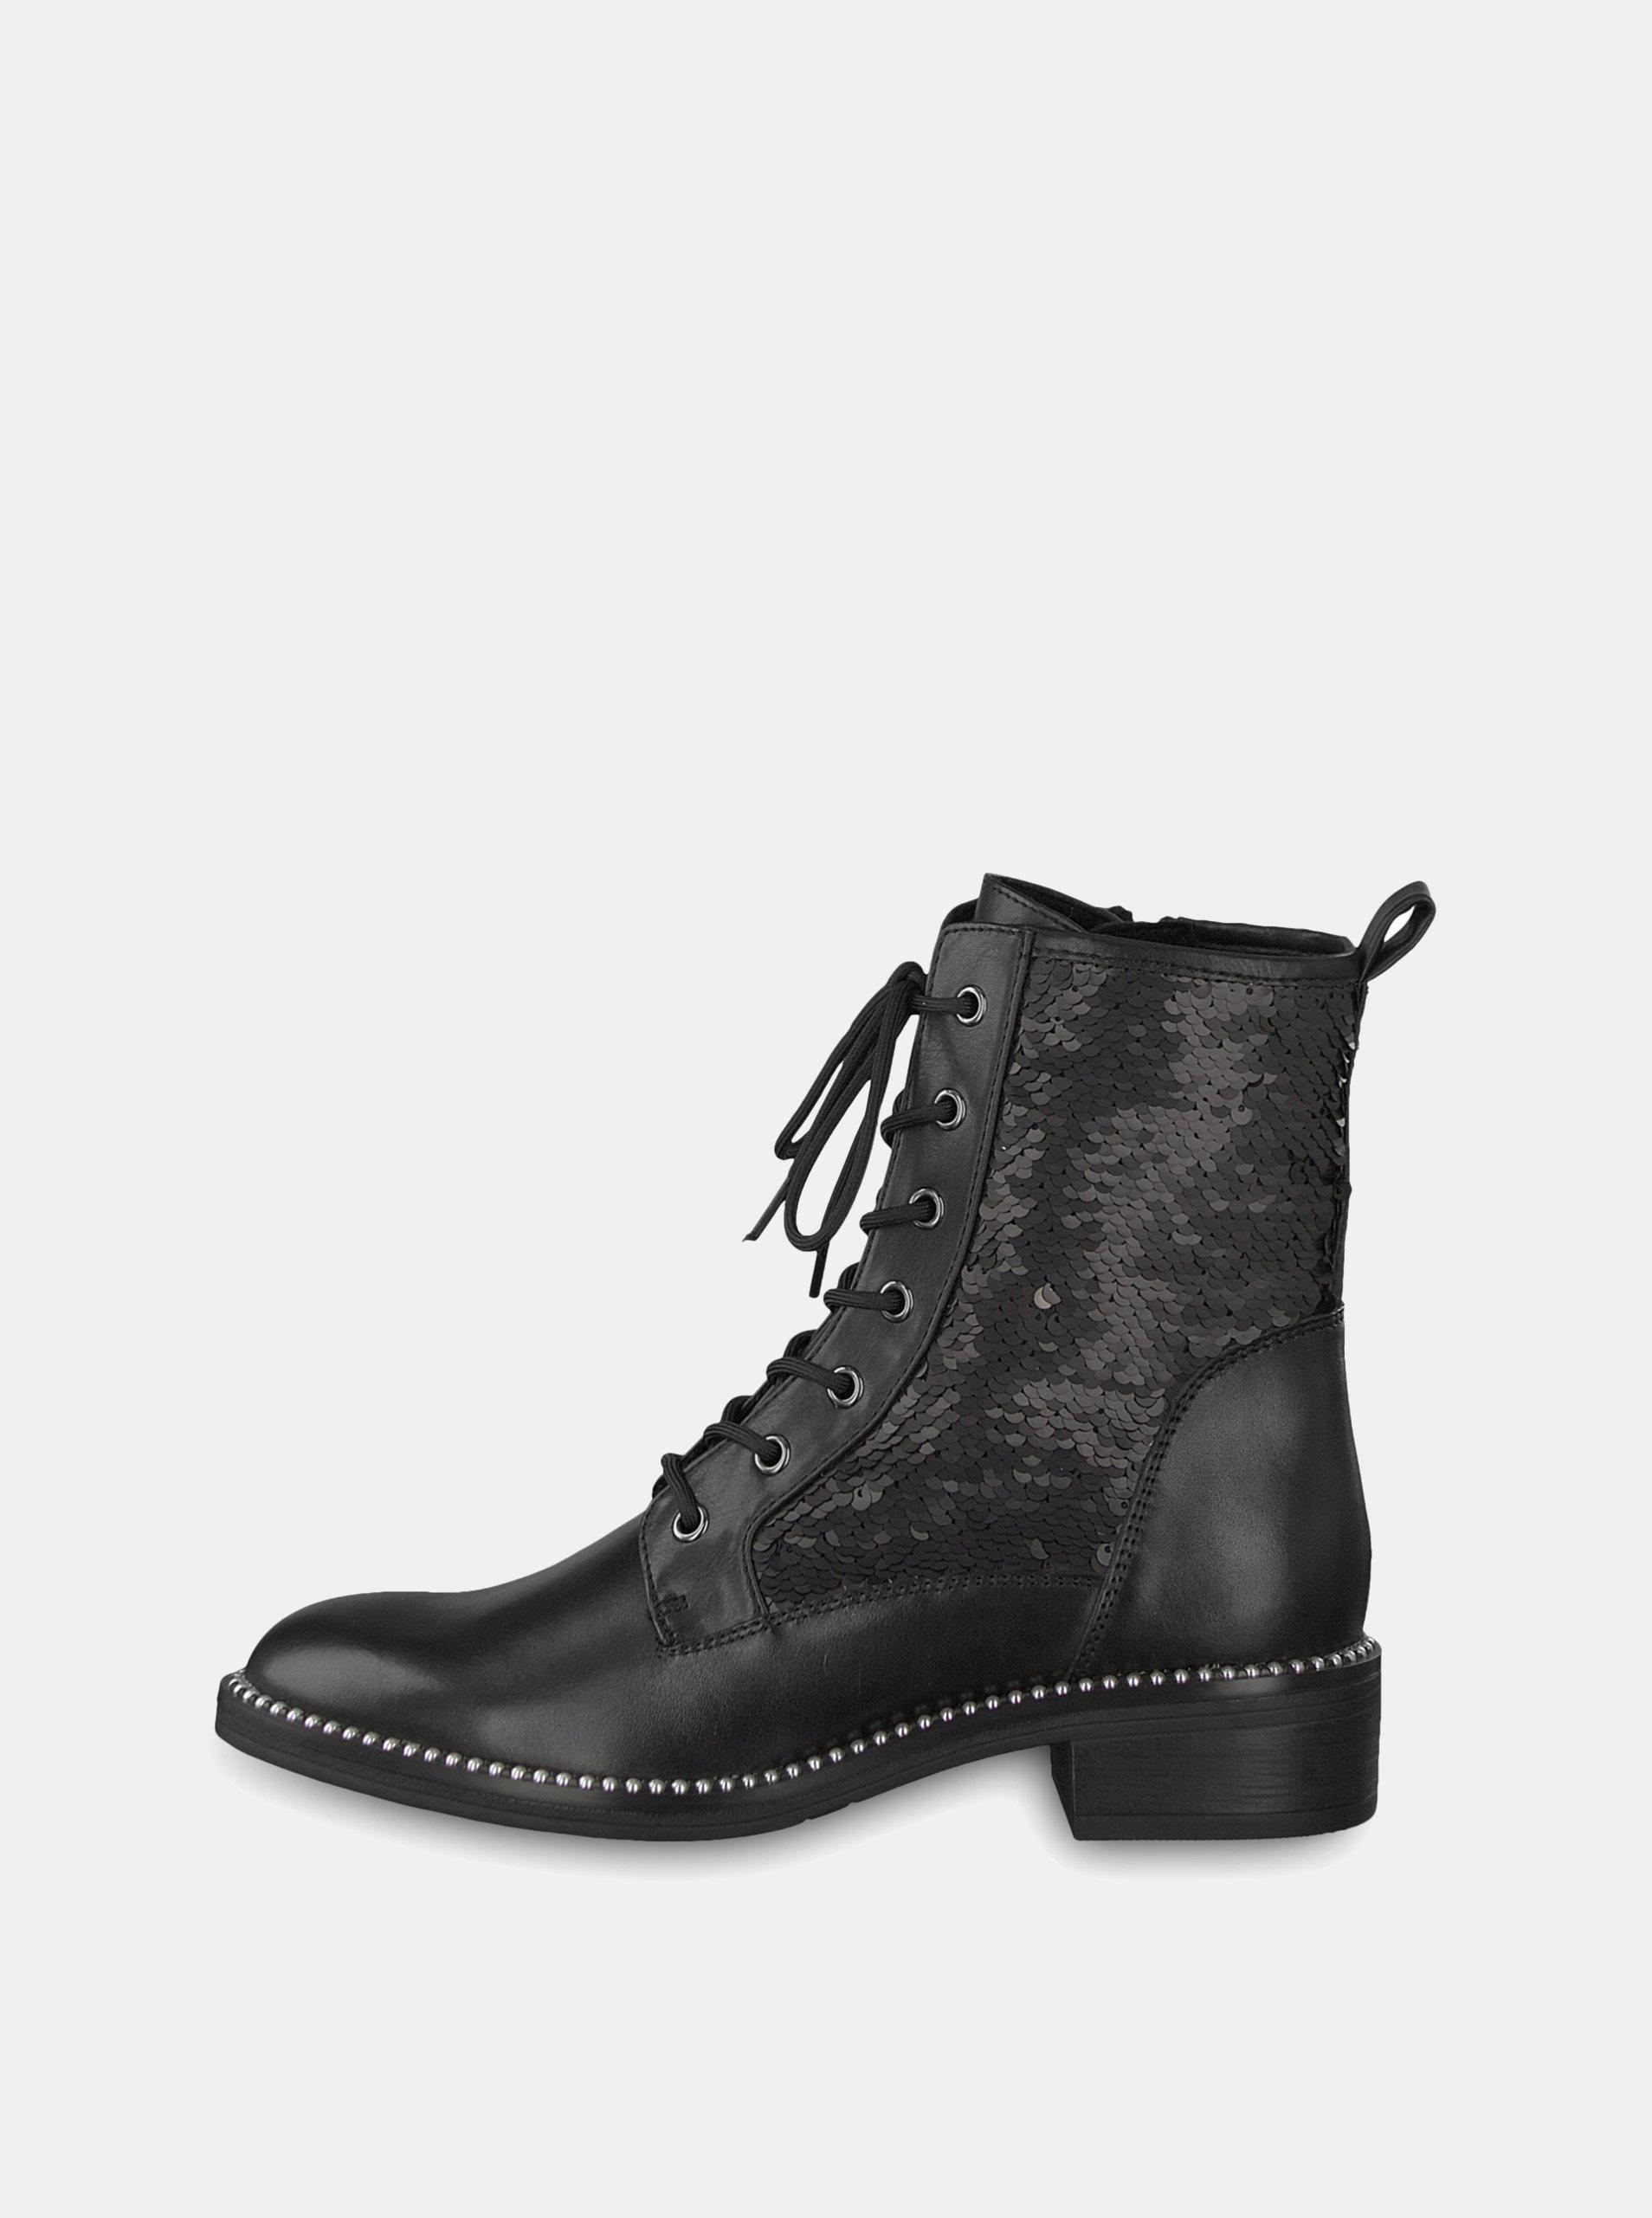 Čierne kožené členkové topánky s flitrami Tamaris ... b2a4c511a33